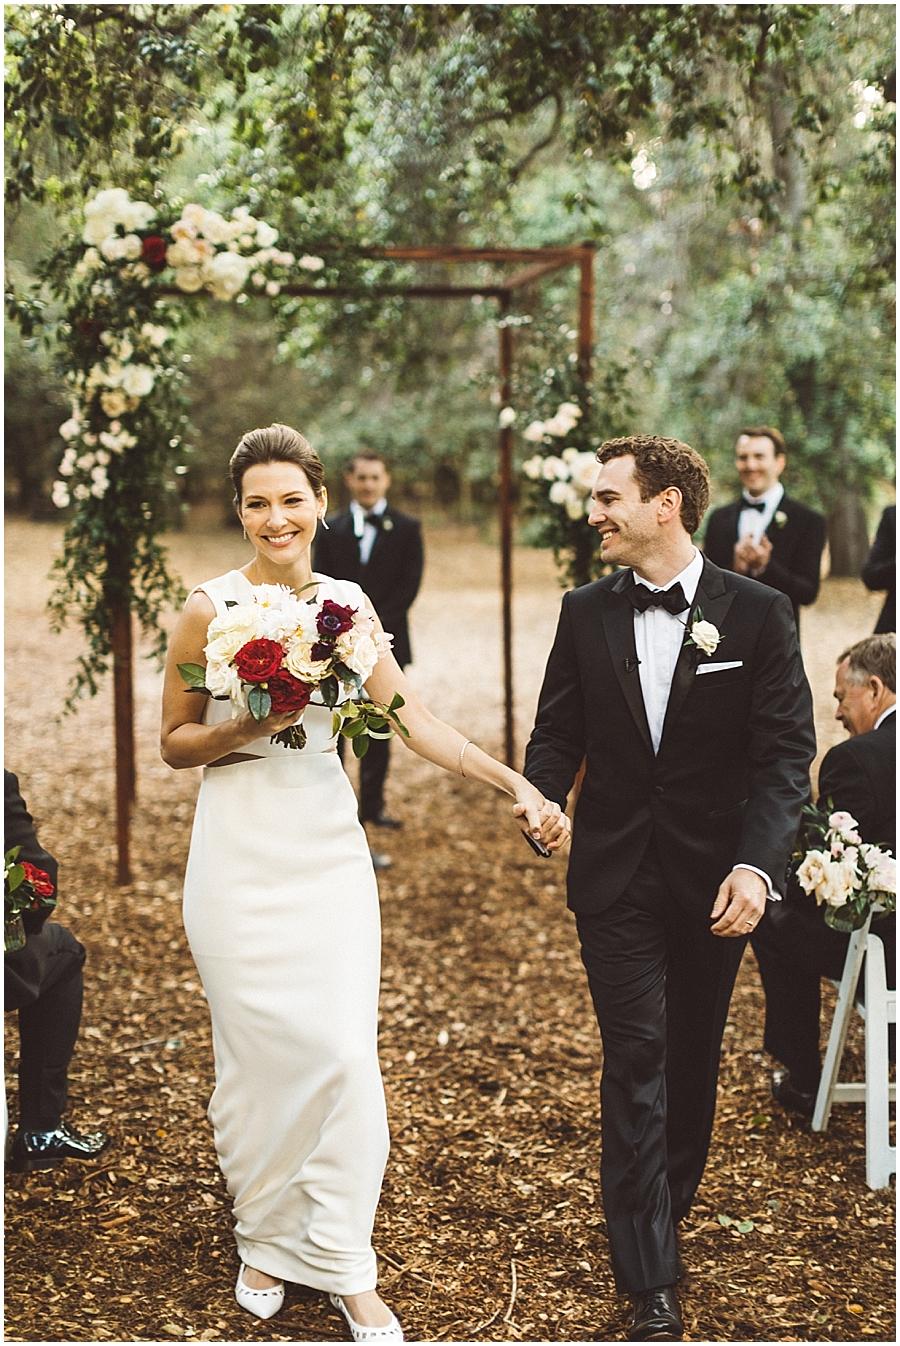 Tom+Kate_stevecowellphoto_0032.jpg